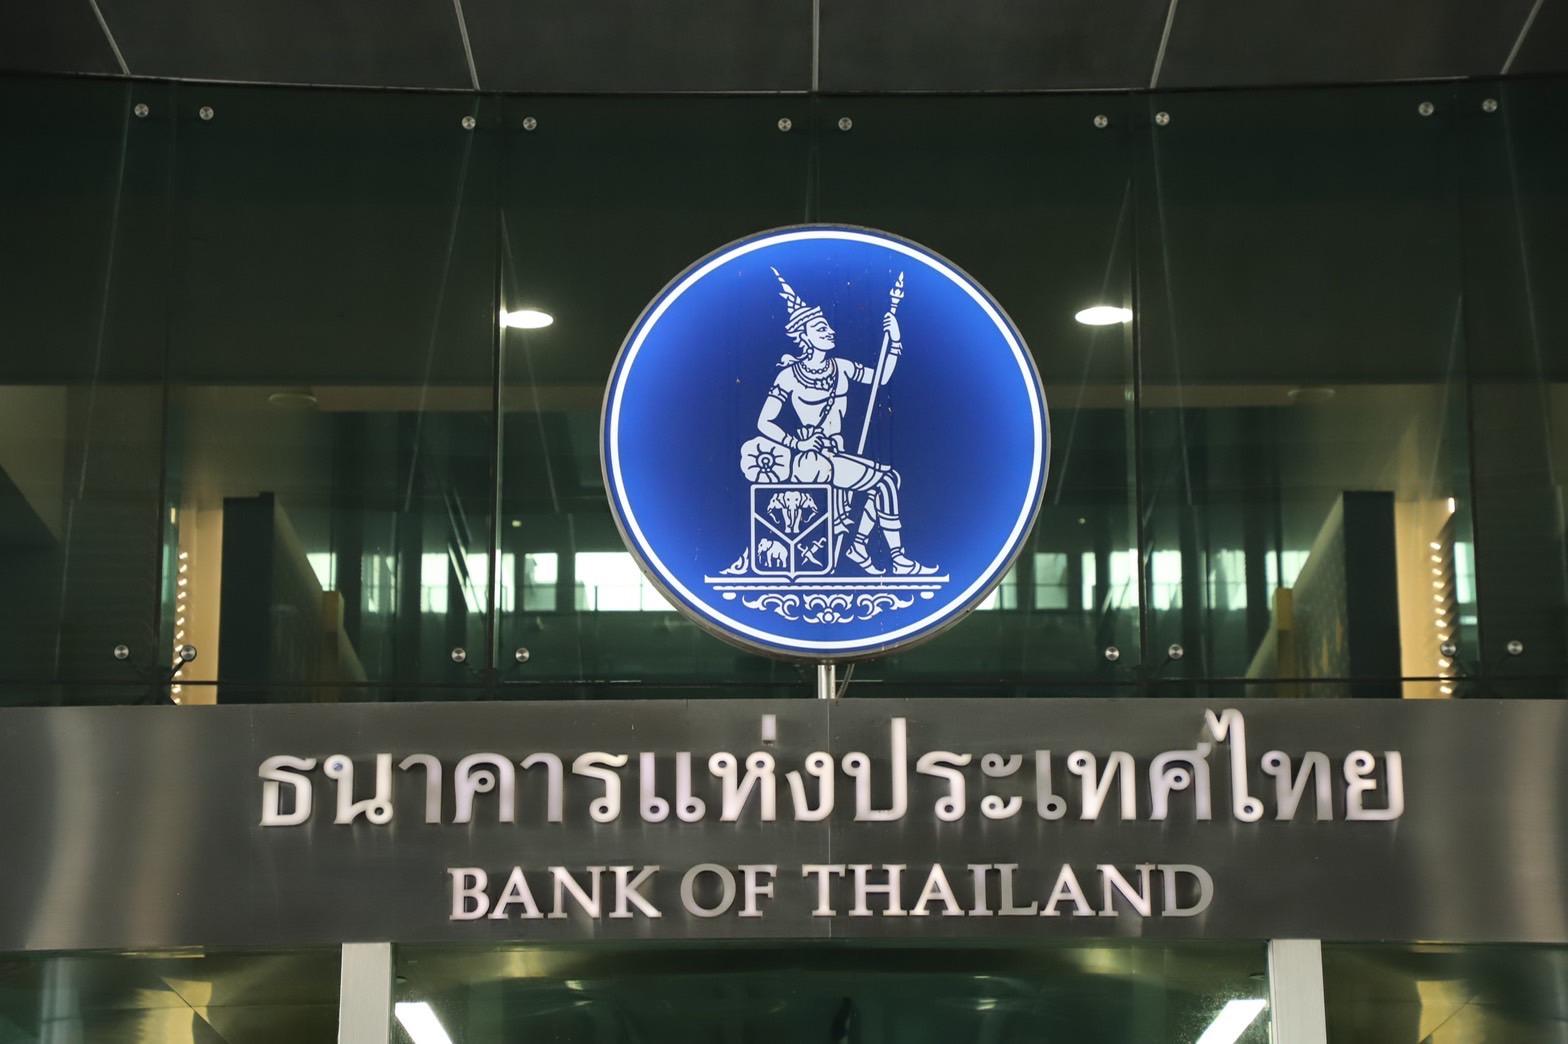 ธปท. หนุน 7 แนวทางสร้างเศรษฐกิจไทย resilient รับมือบริบทโลกใหม่ – การเงิน